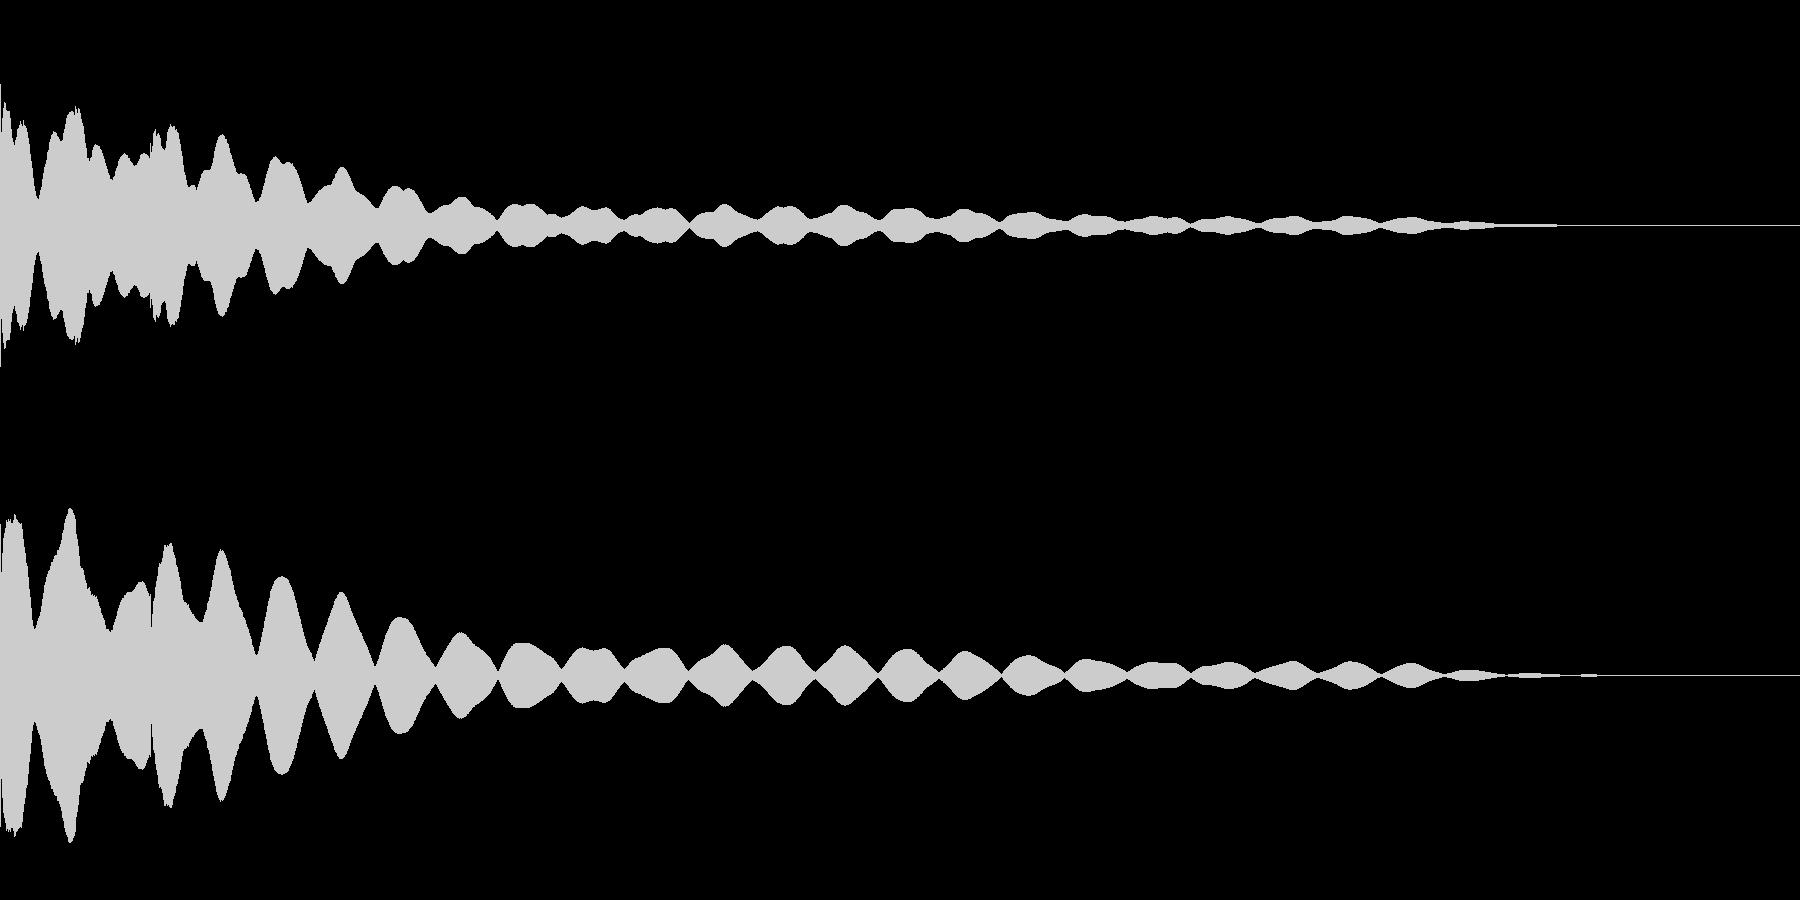 チーンチーン 仏壇の鐘の音2 リバーブ付の未再生の波形